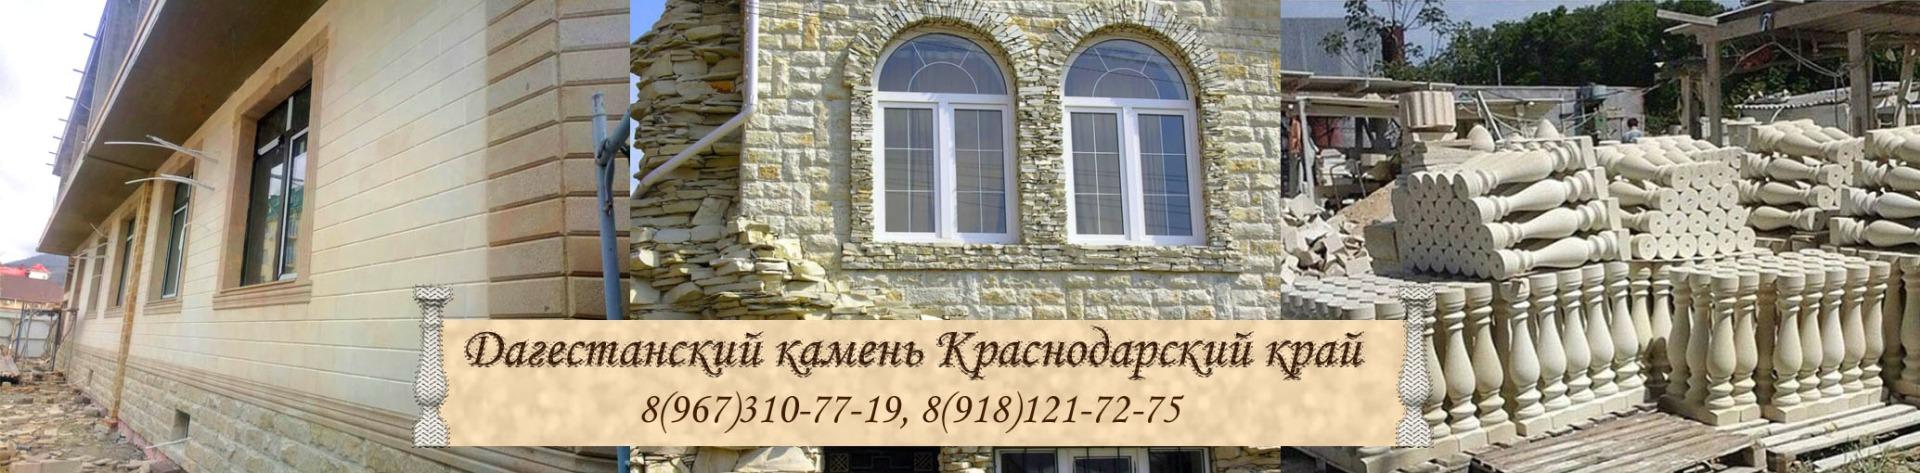 Дагестанский камень оптом Краснодар Сочи Ростов-на-Дону Москва